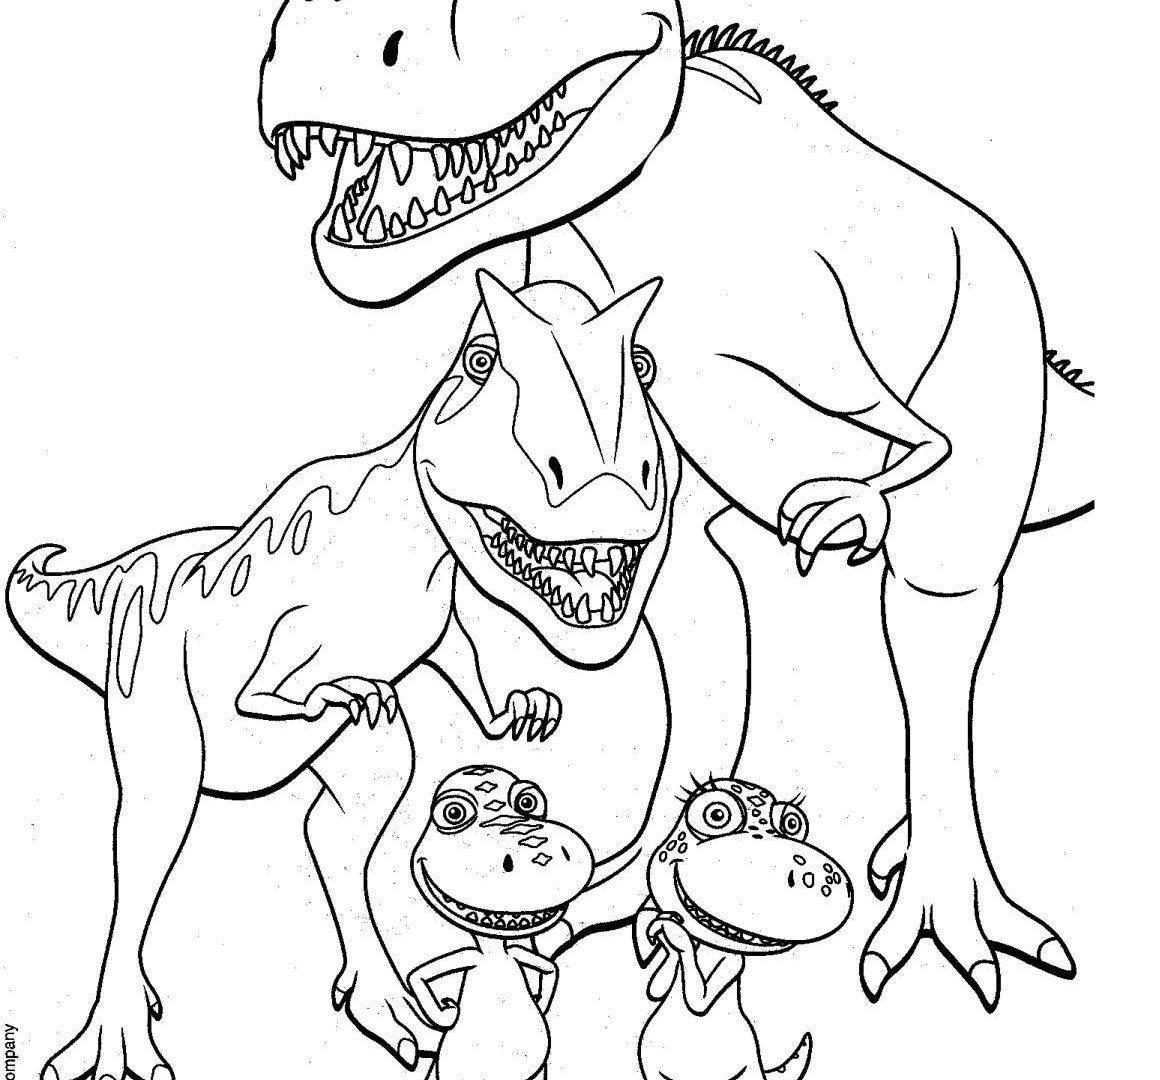 1160x1080 Dinosaur Train Coloring Pages Preschool Marvelous Hopkins